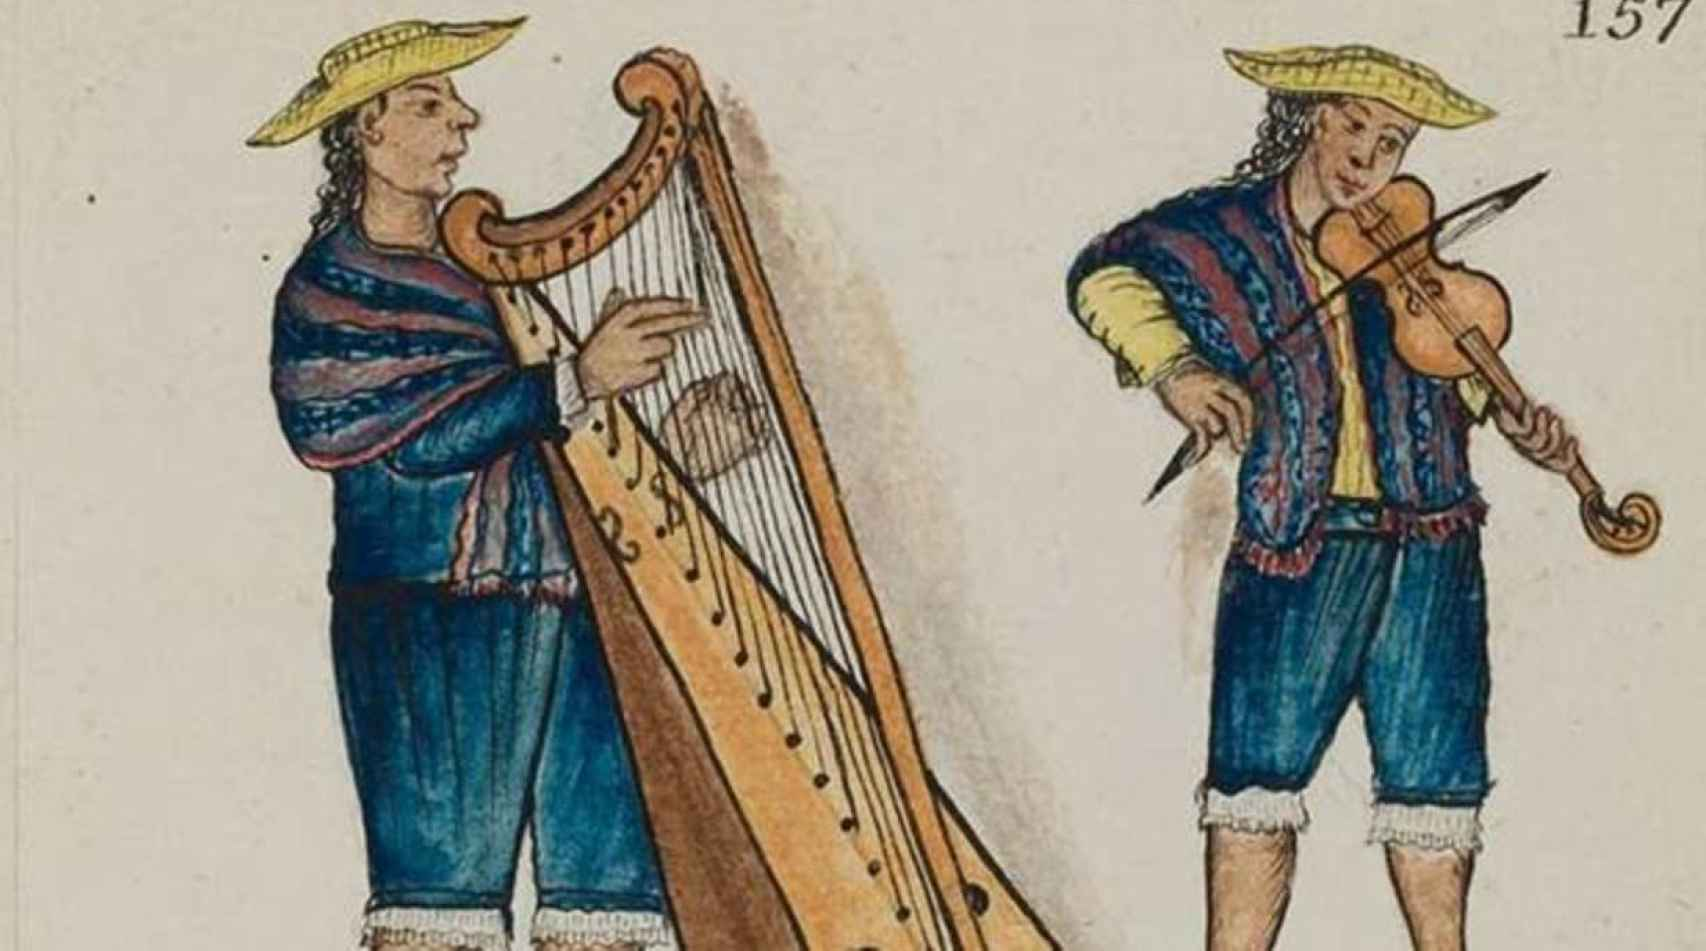 Otra de las páginas del códice destinado al Museo de América.